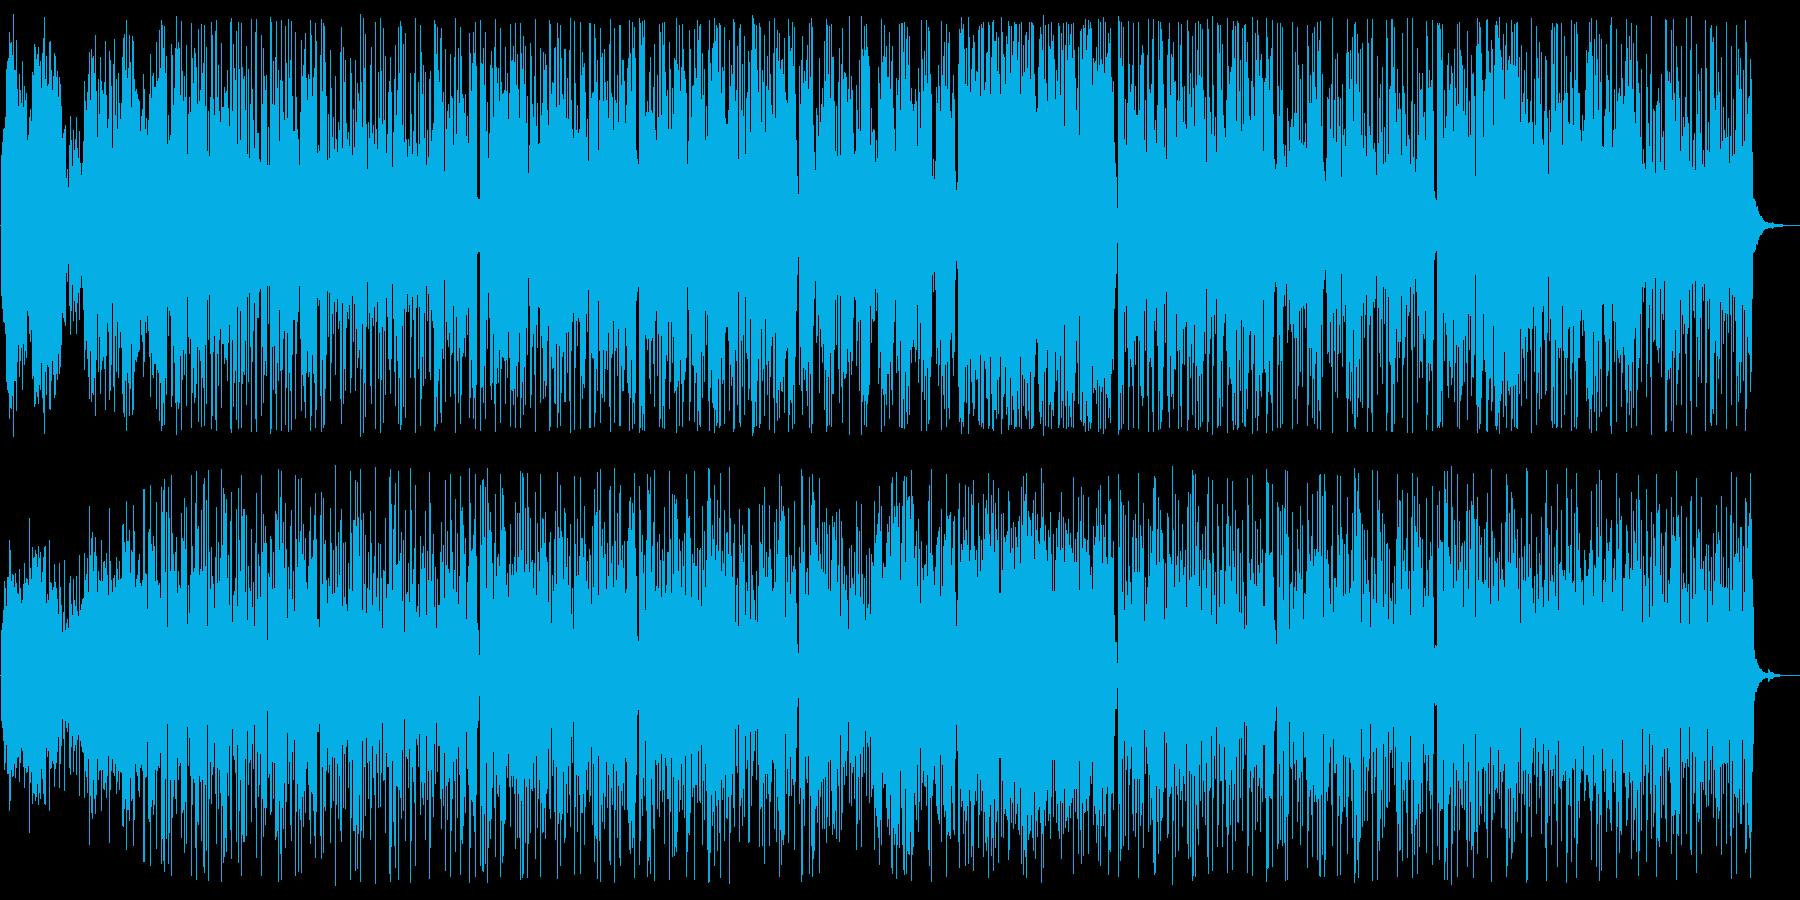 ムーディで華麗なリズミカルビートサウンドの再生済みの波形